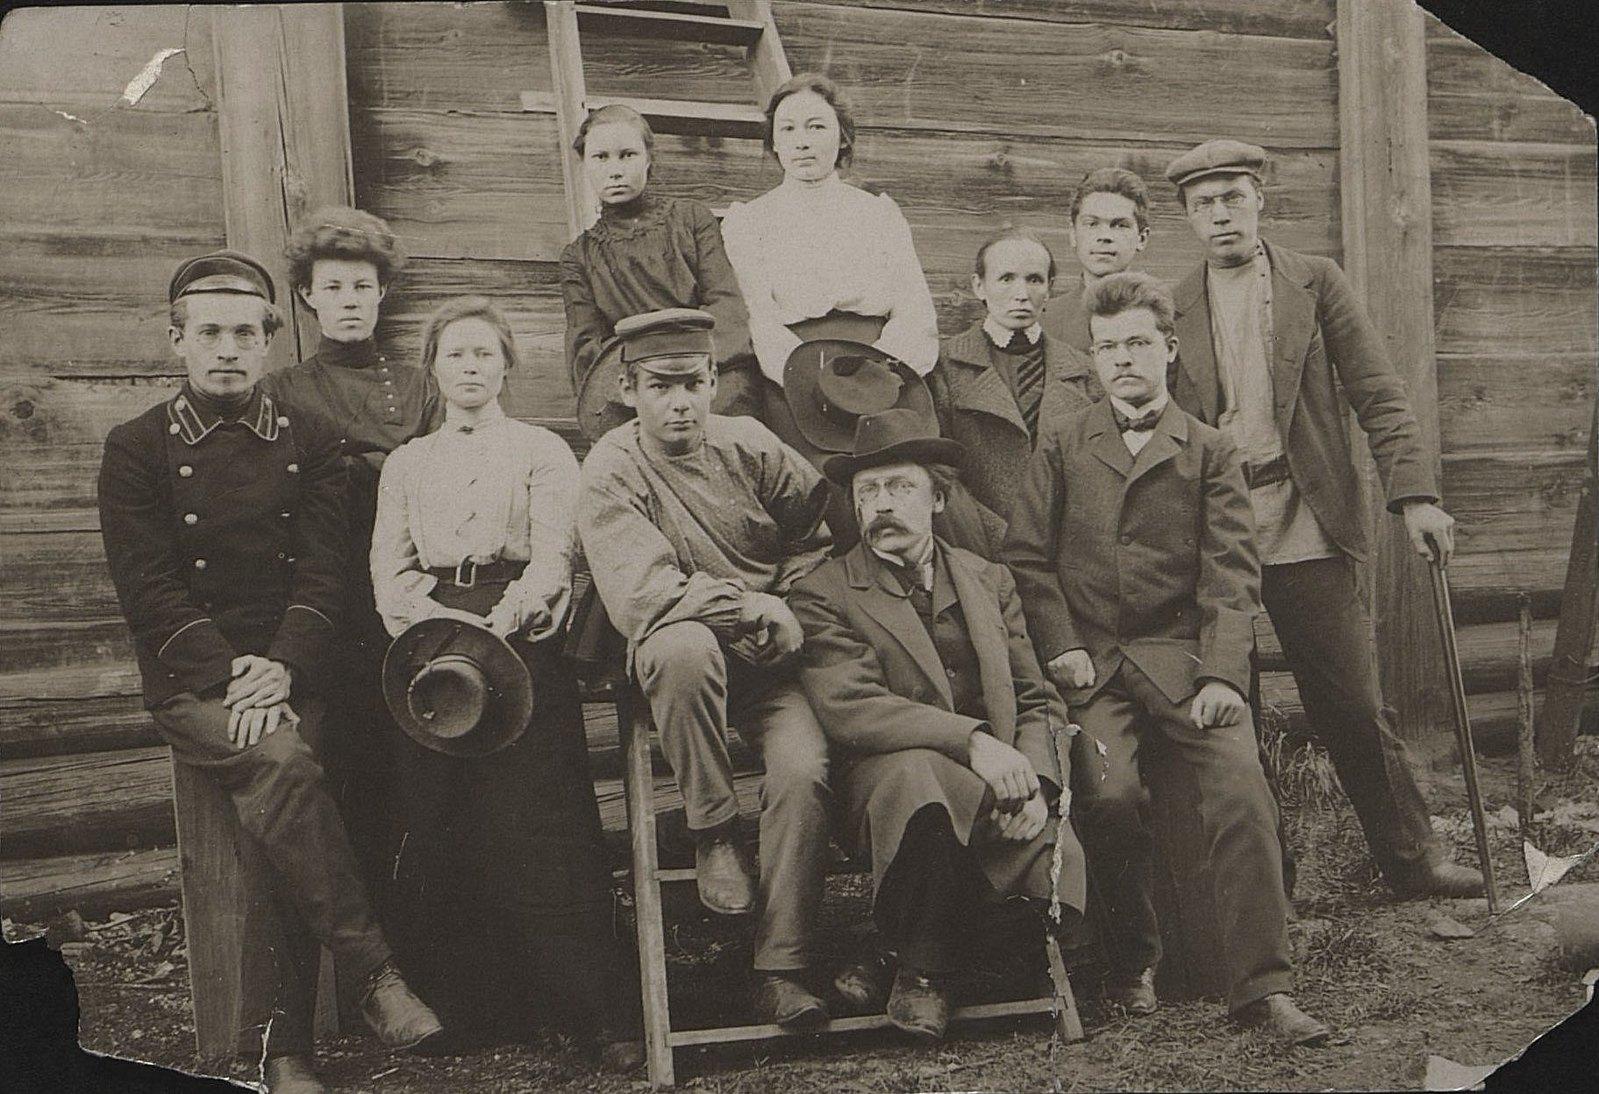 16. Представители передовой иркутской интеллигенции, группировавшиеся вокруг площадки, где велось бесплатное обучение детей. 1904-1905.